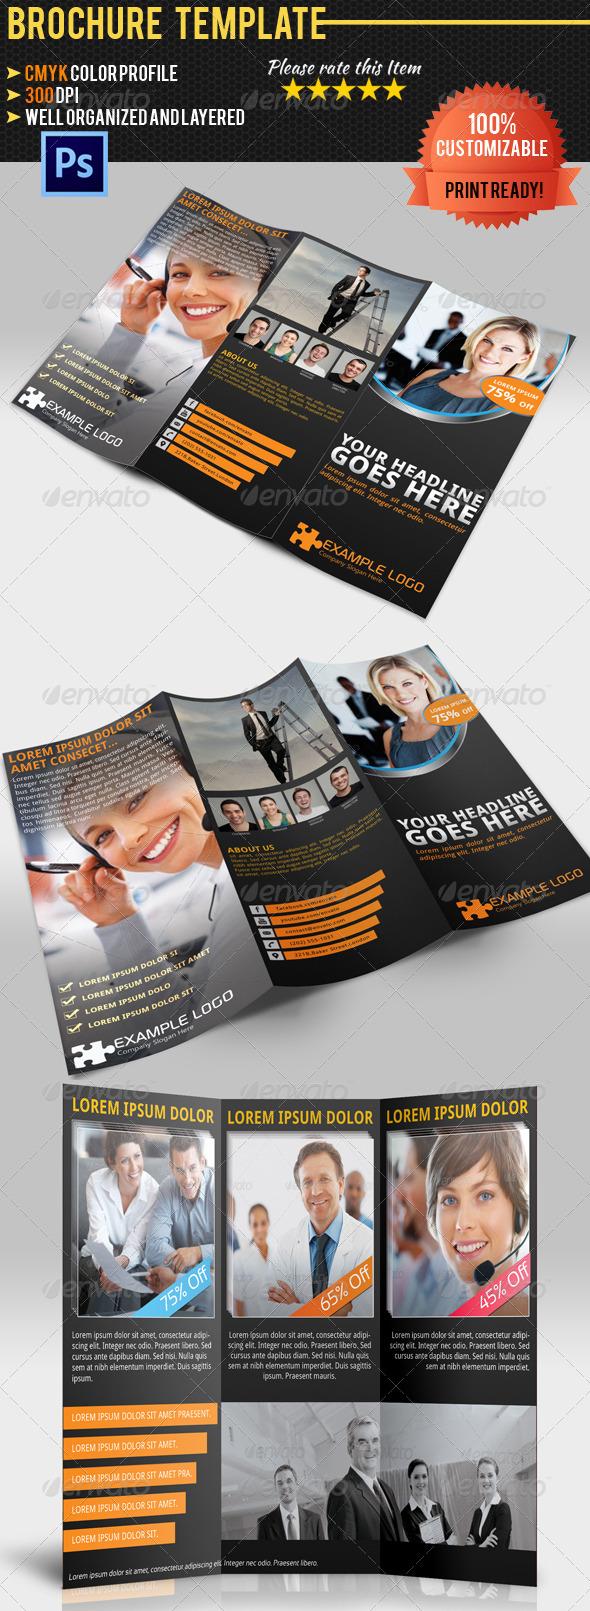 GraphicRiver Tri-Fold Corporate Business Brochure 06 5011474